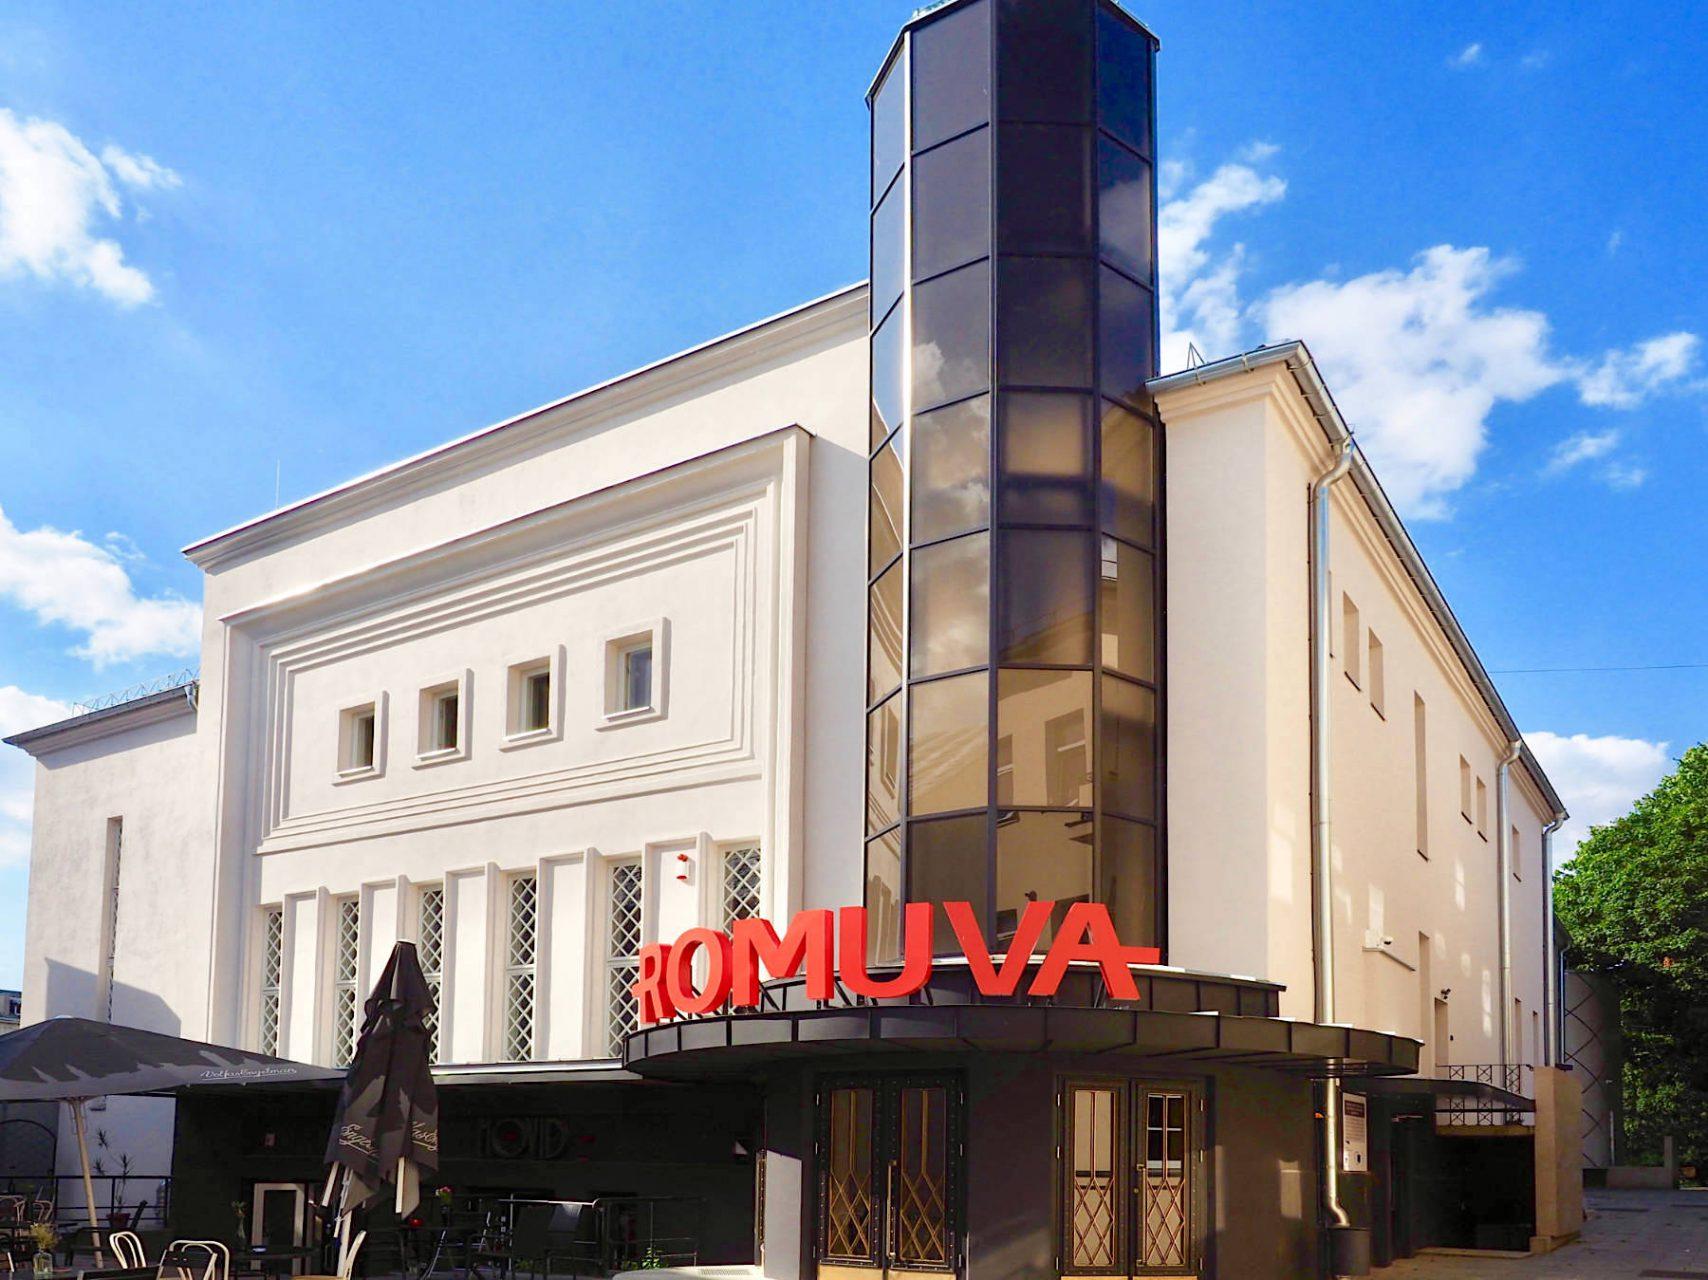 Kulturpalast.. Etwas zurück gesetzt von der Laisvės Aleja lädt das Romuva-Kino draußen wie drinnen zum Verweilen ein. Entworfen von Nikolajus Mačiulskis und 1940 eröffnet, bot es hinter seiner Art-Déco-Fassade die modernste Technik für fast siebenhundert Zuschauer. Aufwendig wieder hergerichtet ist es heute das zentrale Arthouse-Filmtheater in Kaunas.